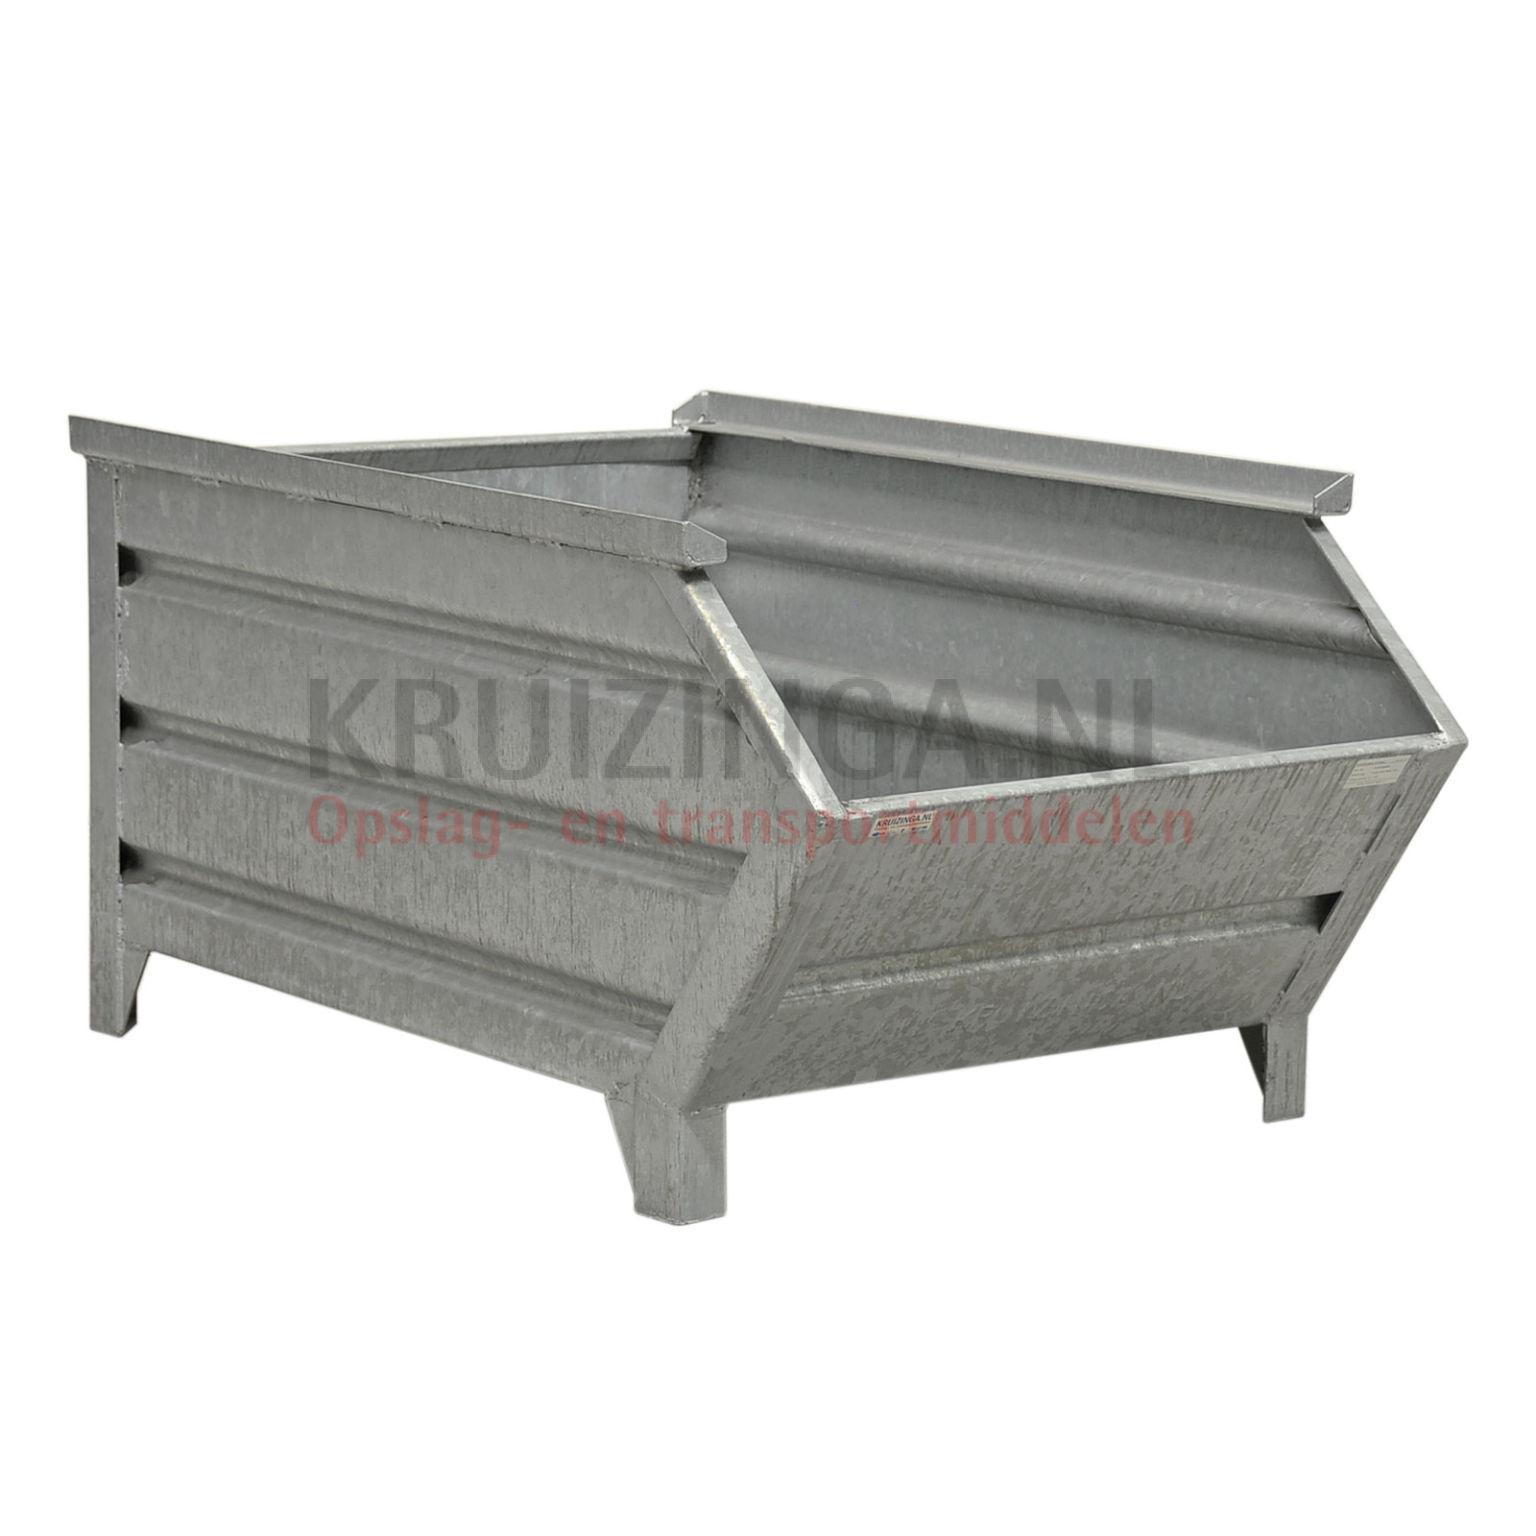 bac de rangement acier construction robuste bac empilable poign e inclin partir de 218. Black Bedroom Furniture Sets. Home Design Ideas